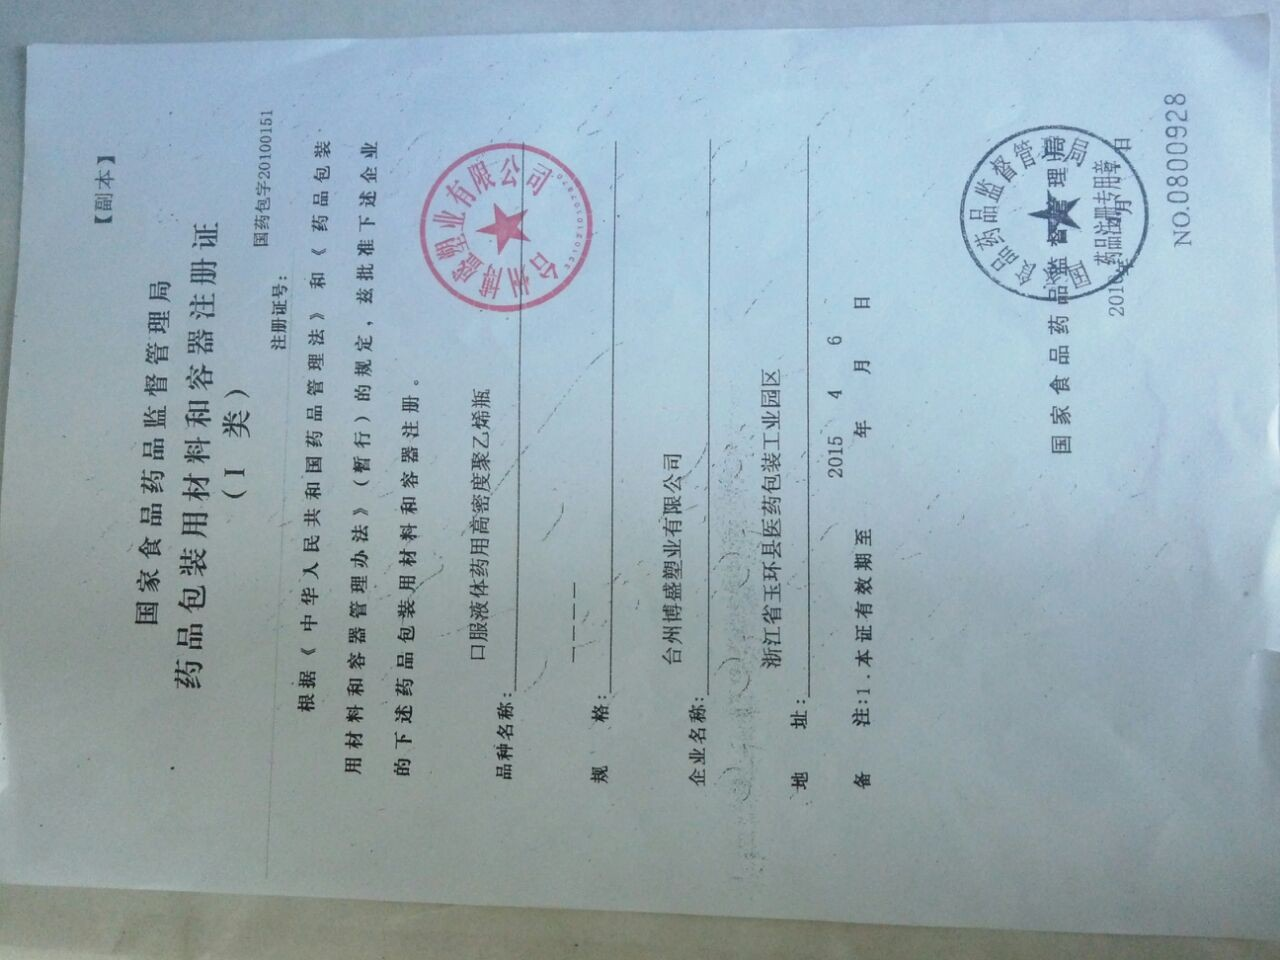 药品包装用材料和容器注册证